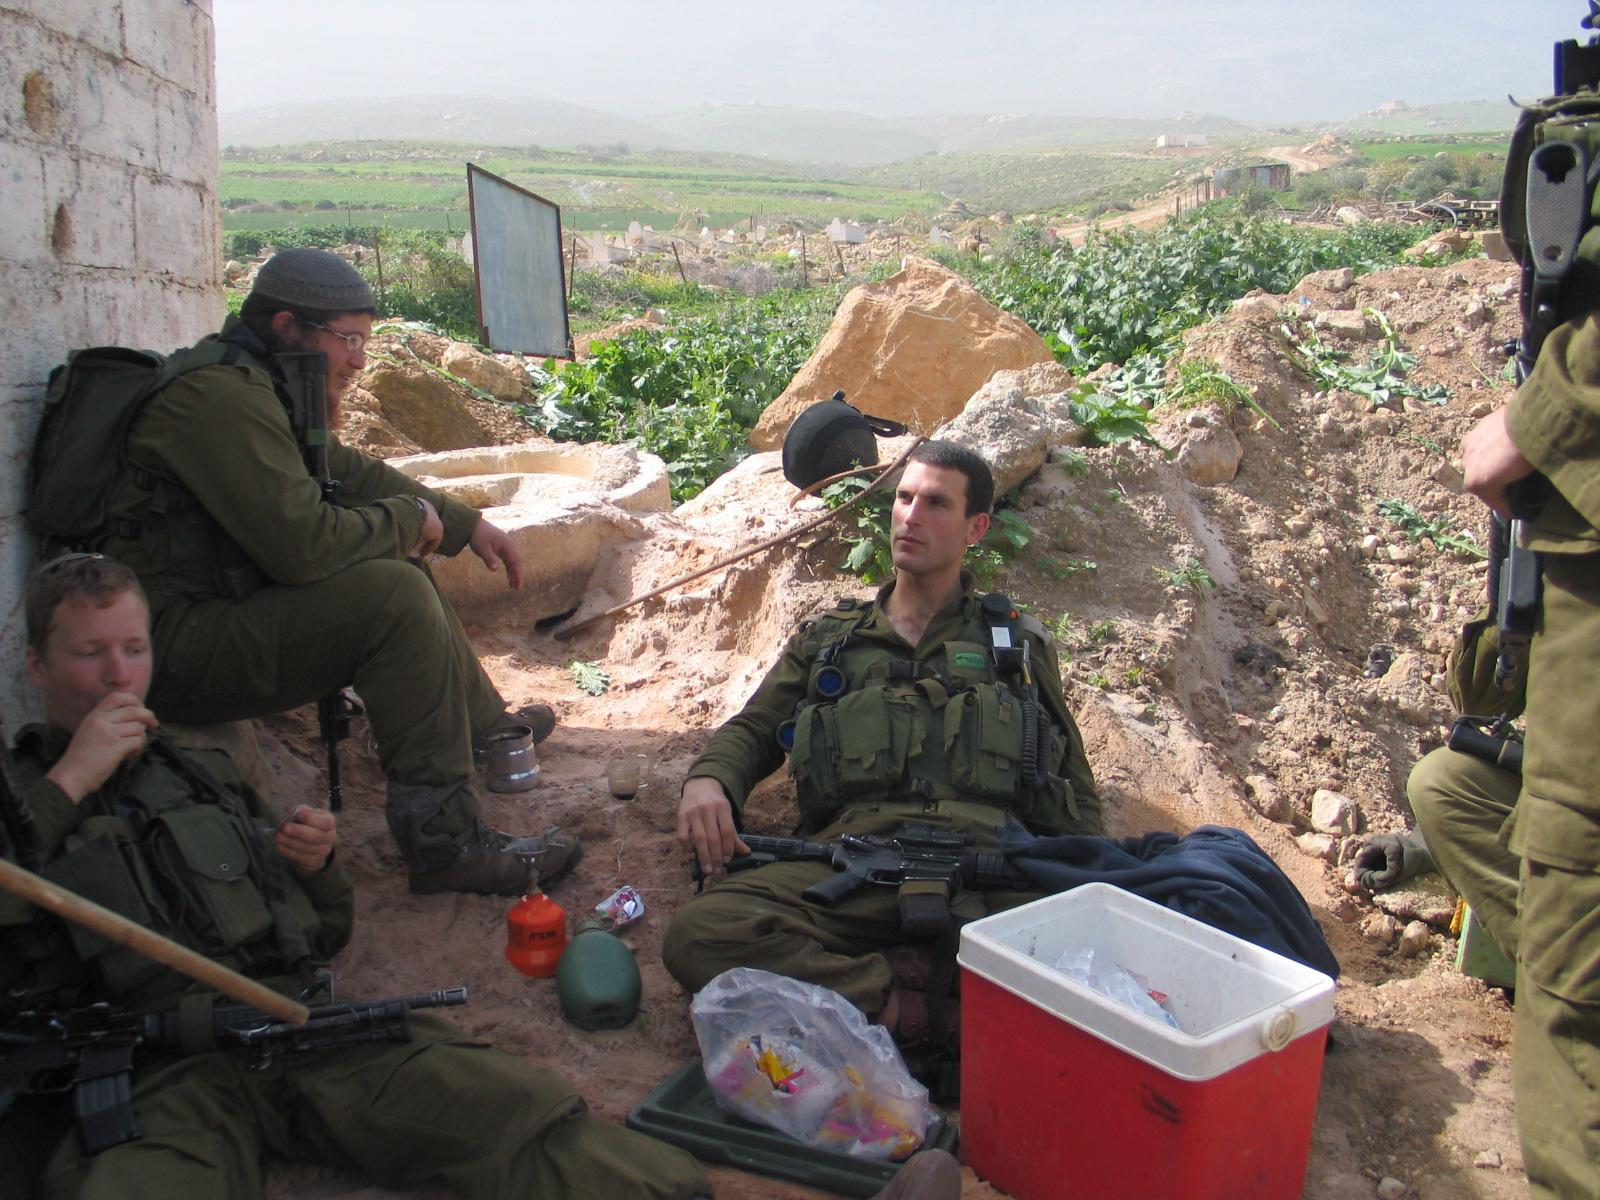 מנוחה לאחר פעילות מבצעית בנצח יהודה